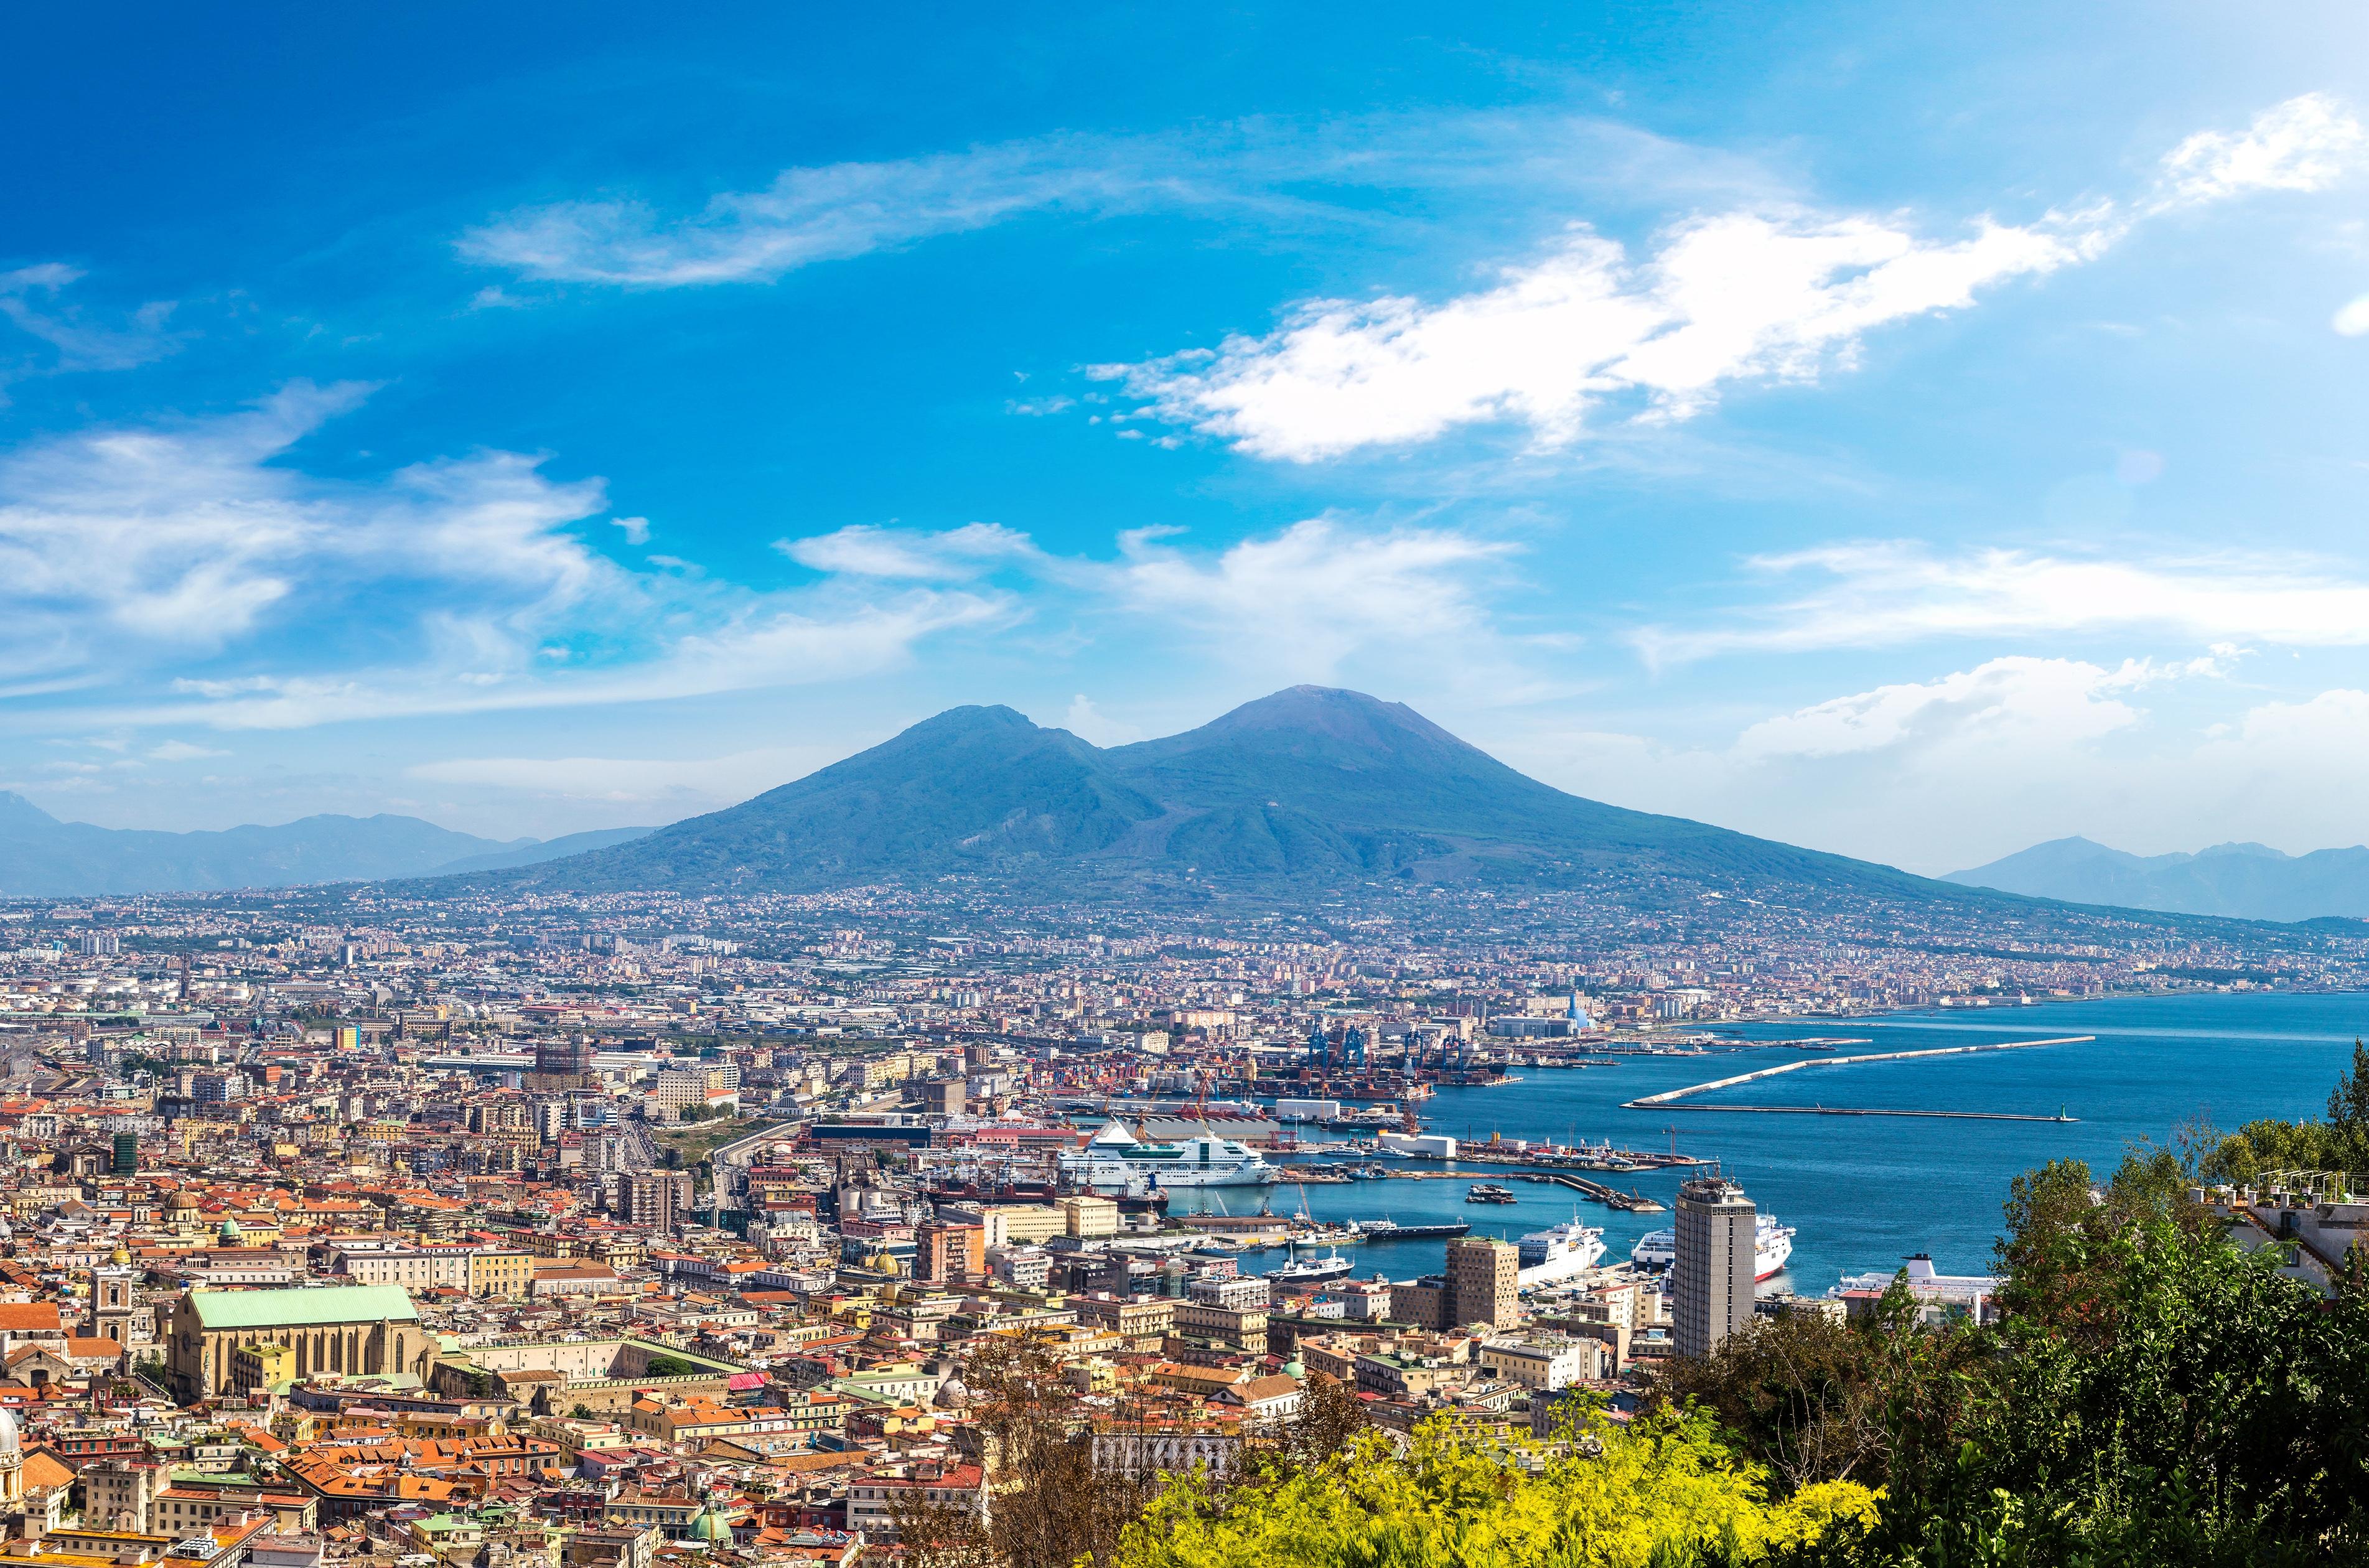 Radreise durch Bella Napoli